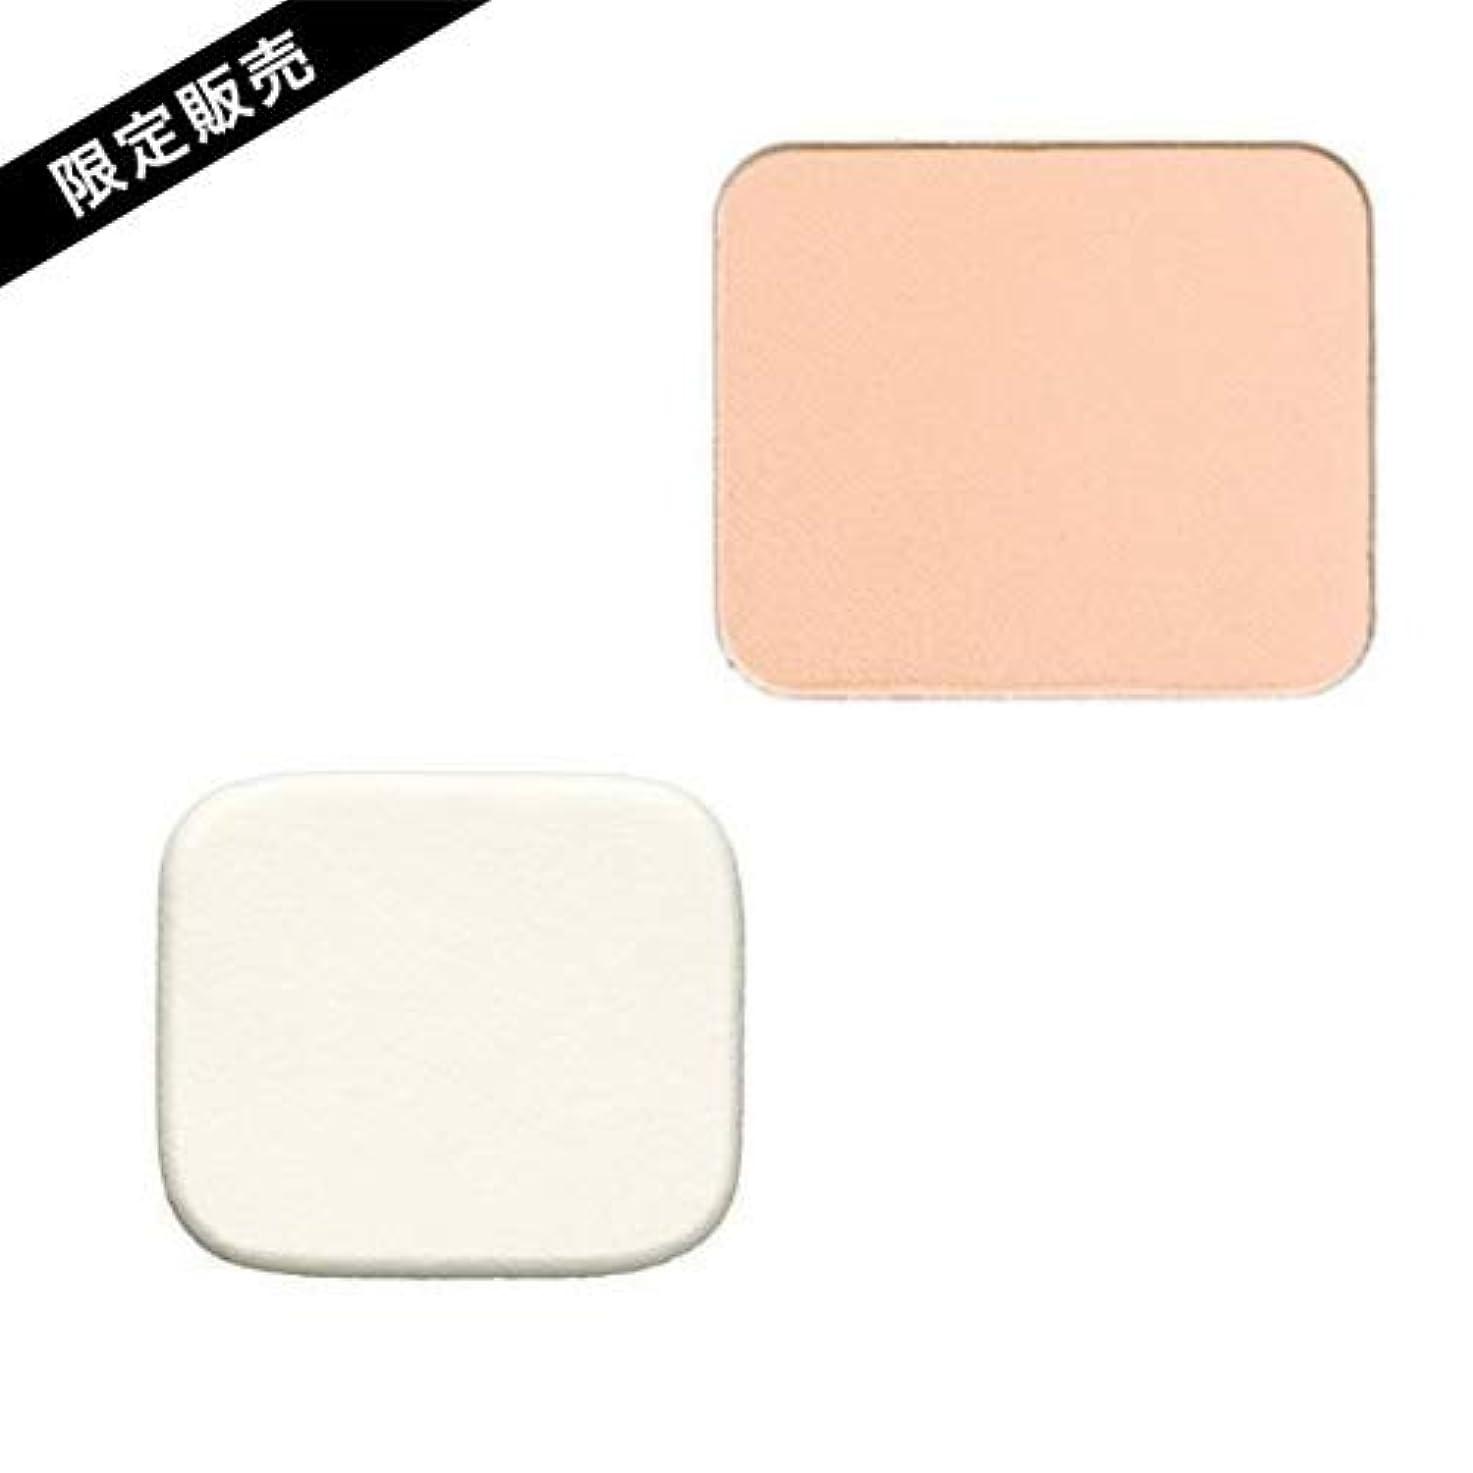 香港グレー交換可能ドクターシーラボ BBパーフェクト ファンデーション WHITE377プラス シャイニーピンク(Shiny Pink) 12g SPF25 PA++【レフィルスポンジ付き】